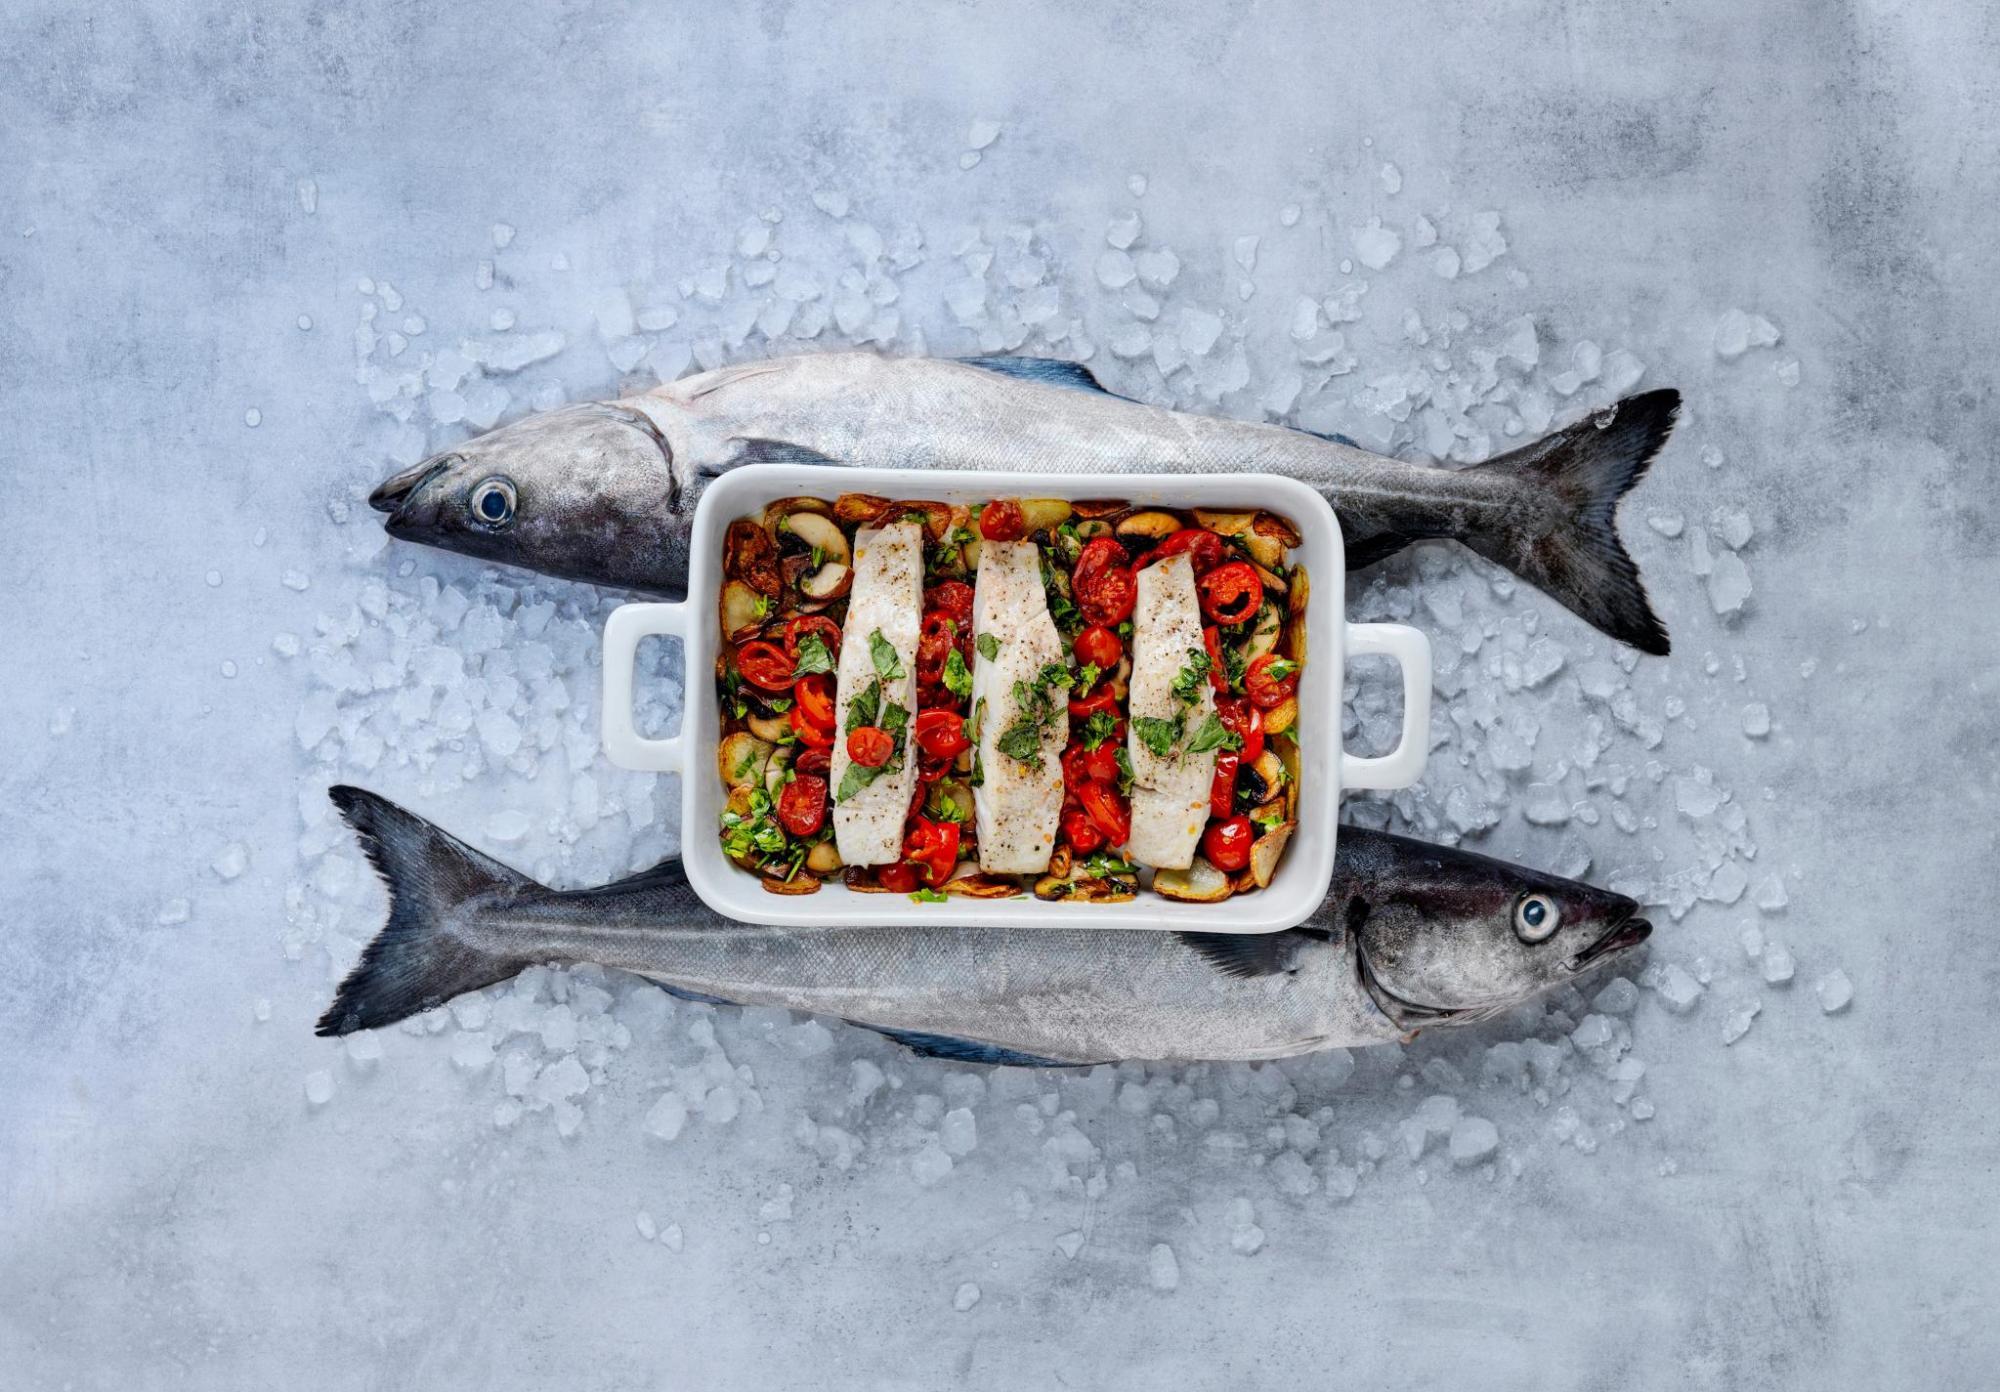 Arranca la temporada del fogonero noruego: un pescado blanco con excelente relación sabor-calidad-precio